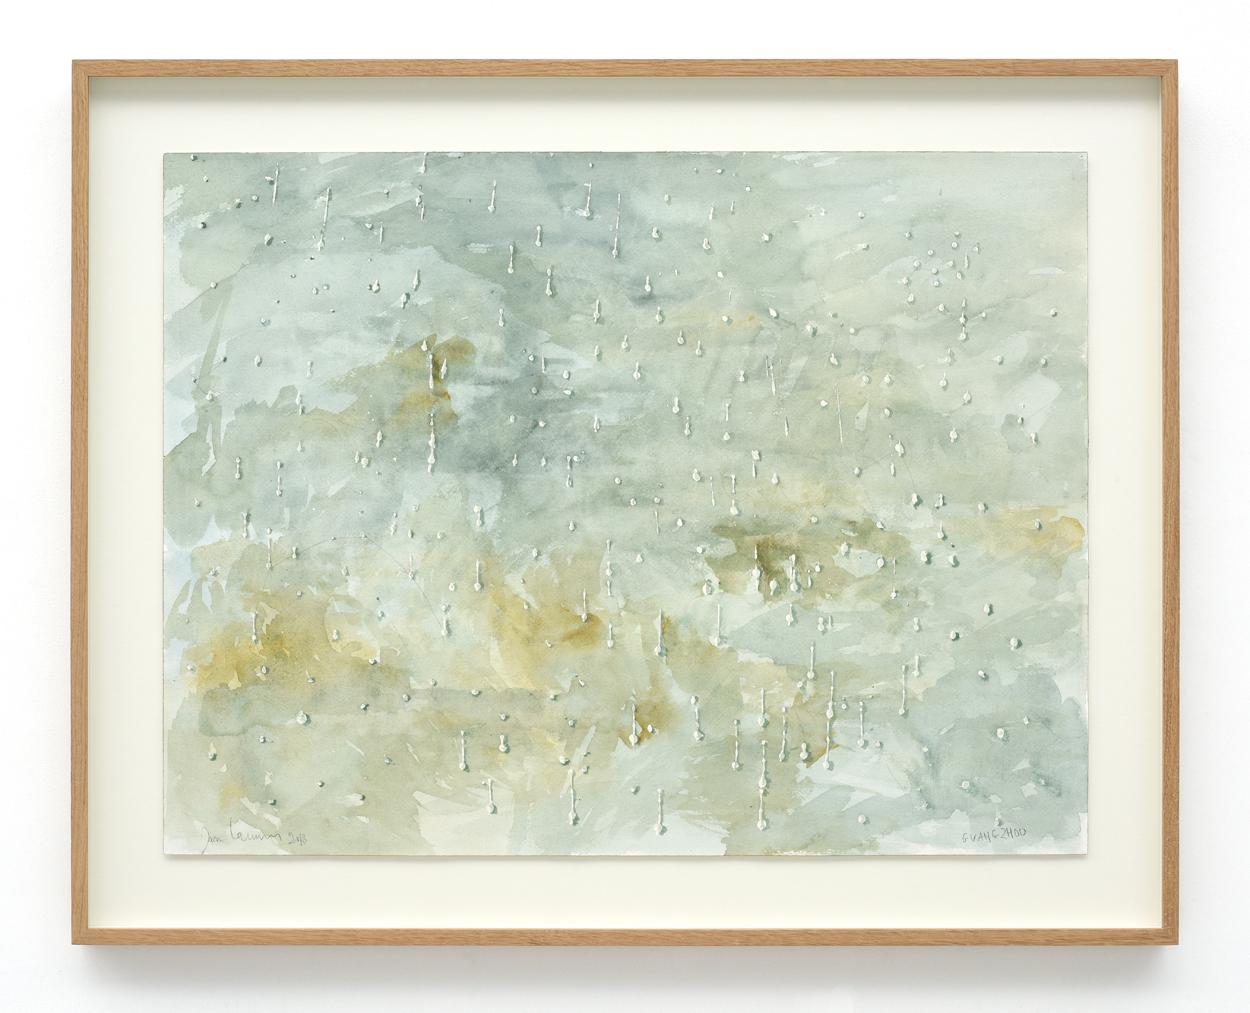 LAUWERS - Guangzhou_2018_45,8x60,8cm